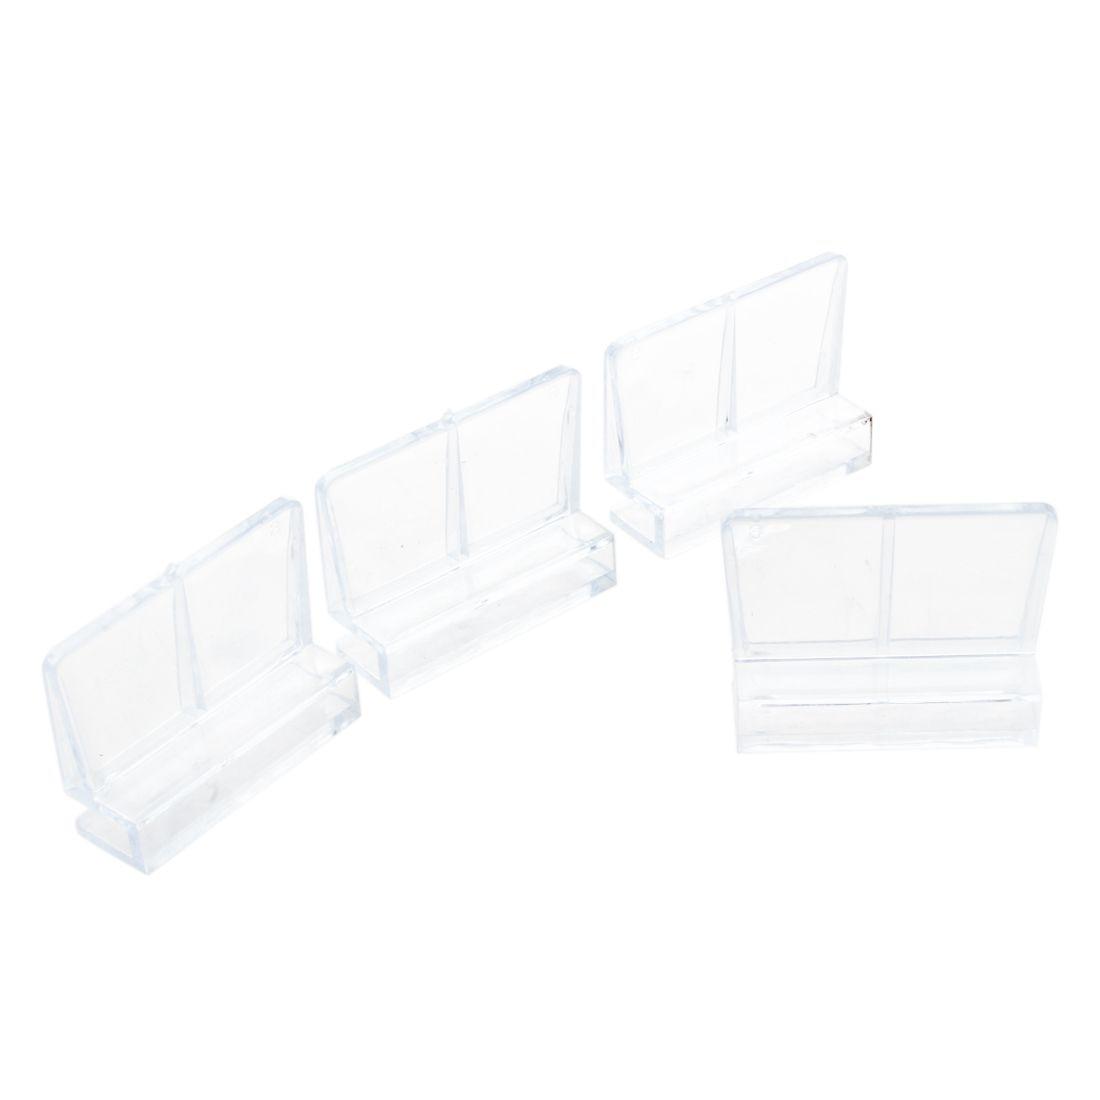 Aquarium fish tank plastic cover - Aquarium Fish Tank Glass Cover Clip Support Holder 6mm 4 Pack